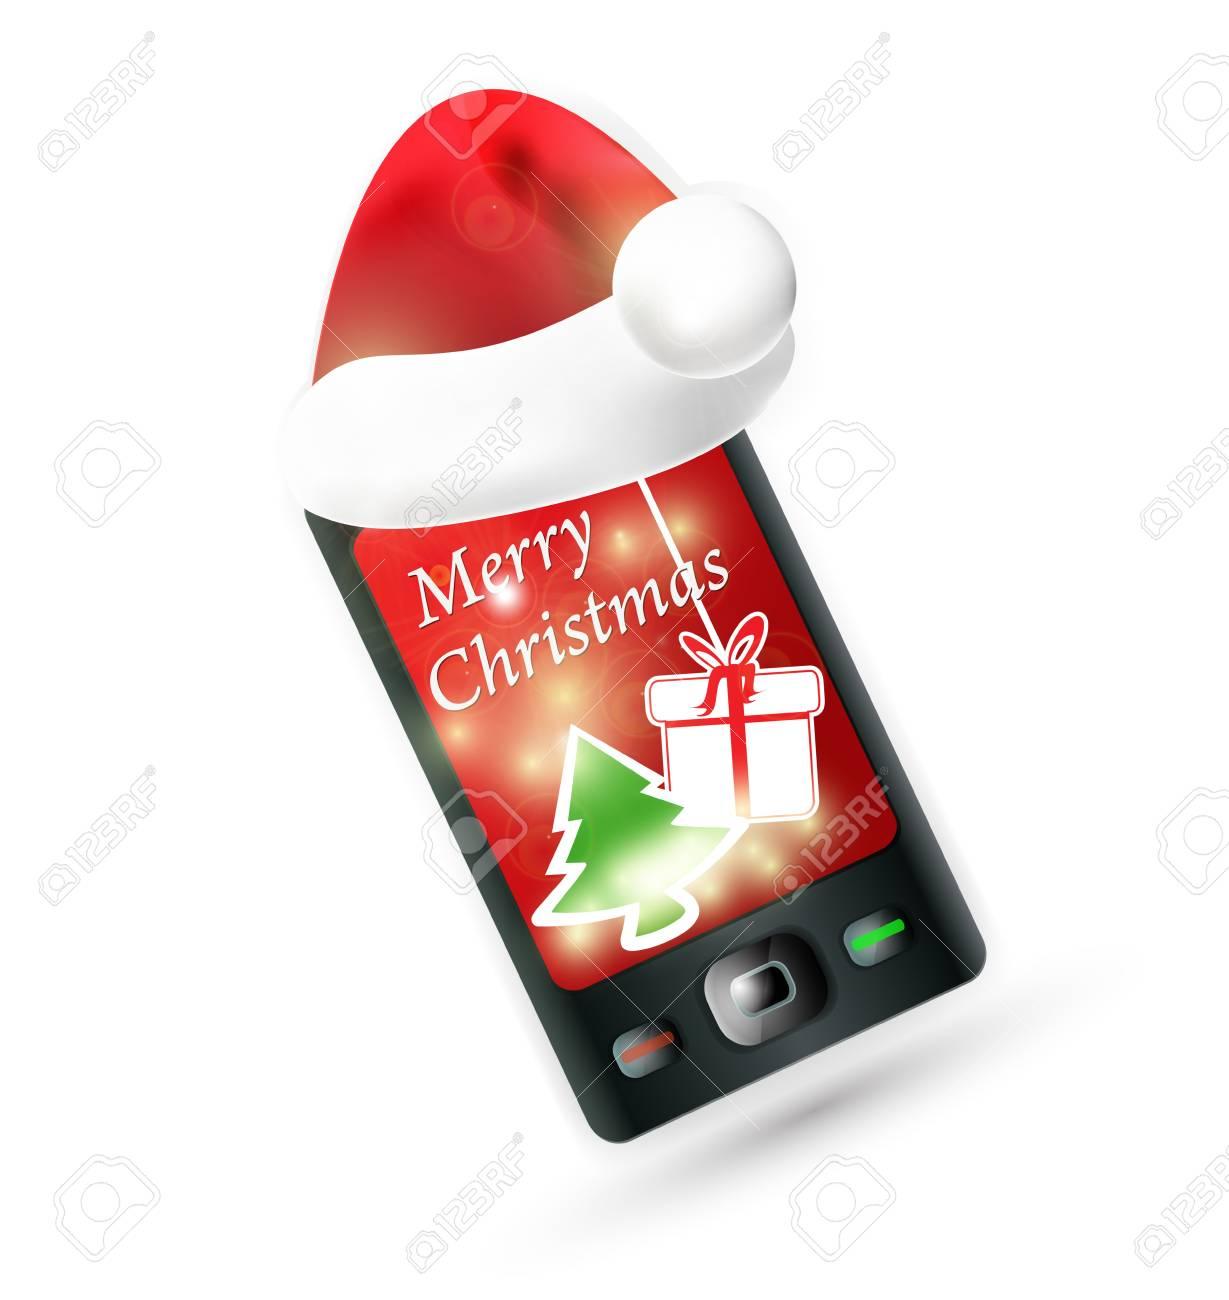 Mercredi 23 décembre 16538939-smartphone-avec-chapeau-rouge-du-p%C3%A8re-no%C3%ABl-t%C3%A9l%C3%A9phone-mobile-no%C3%ABl-vector-illustration-